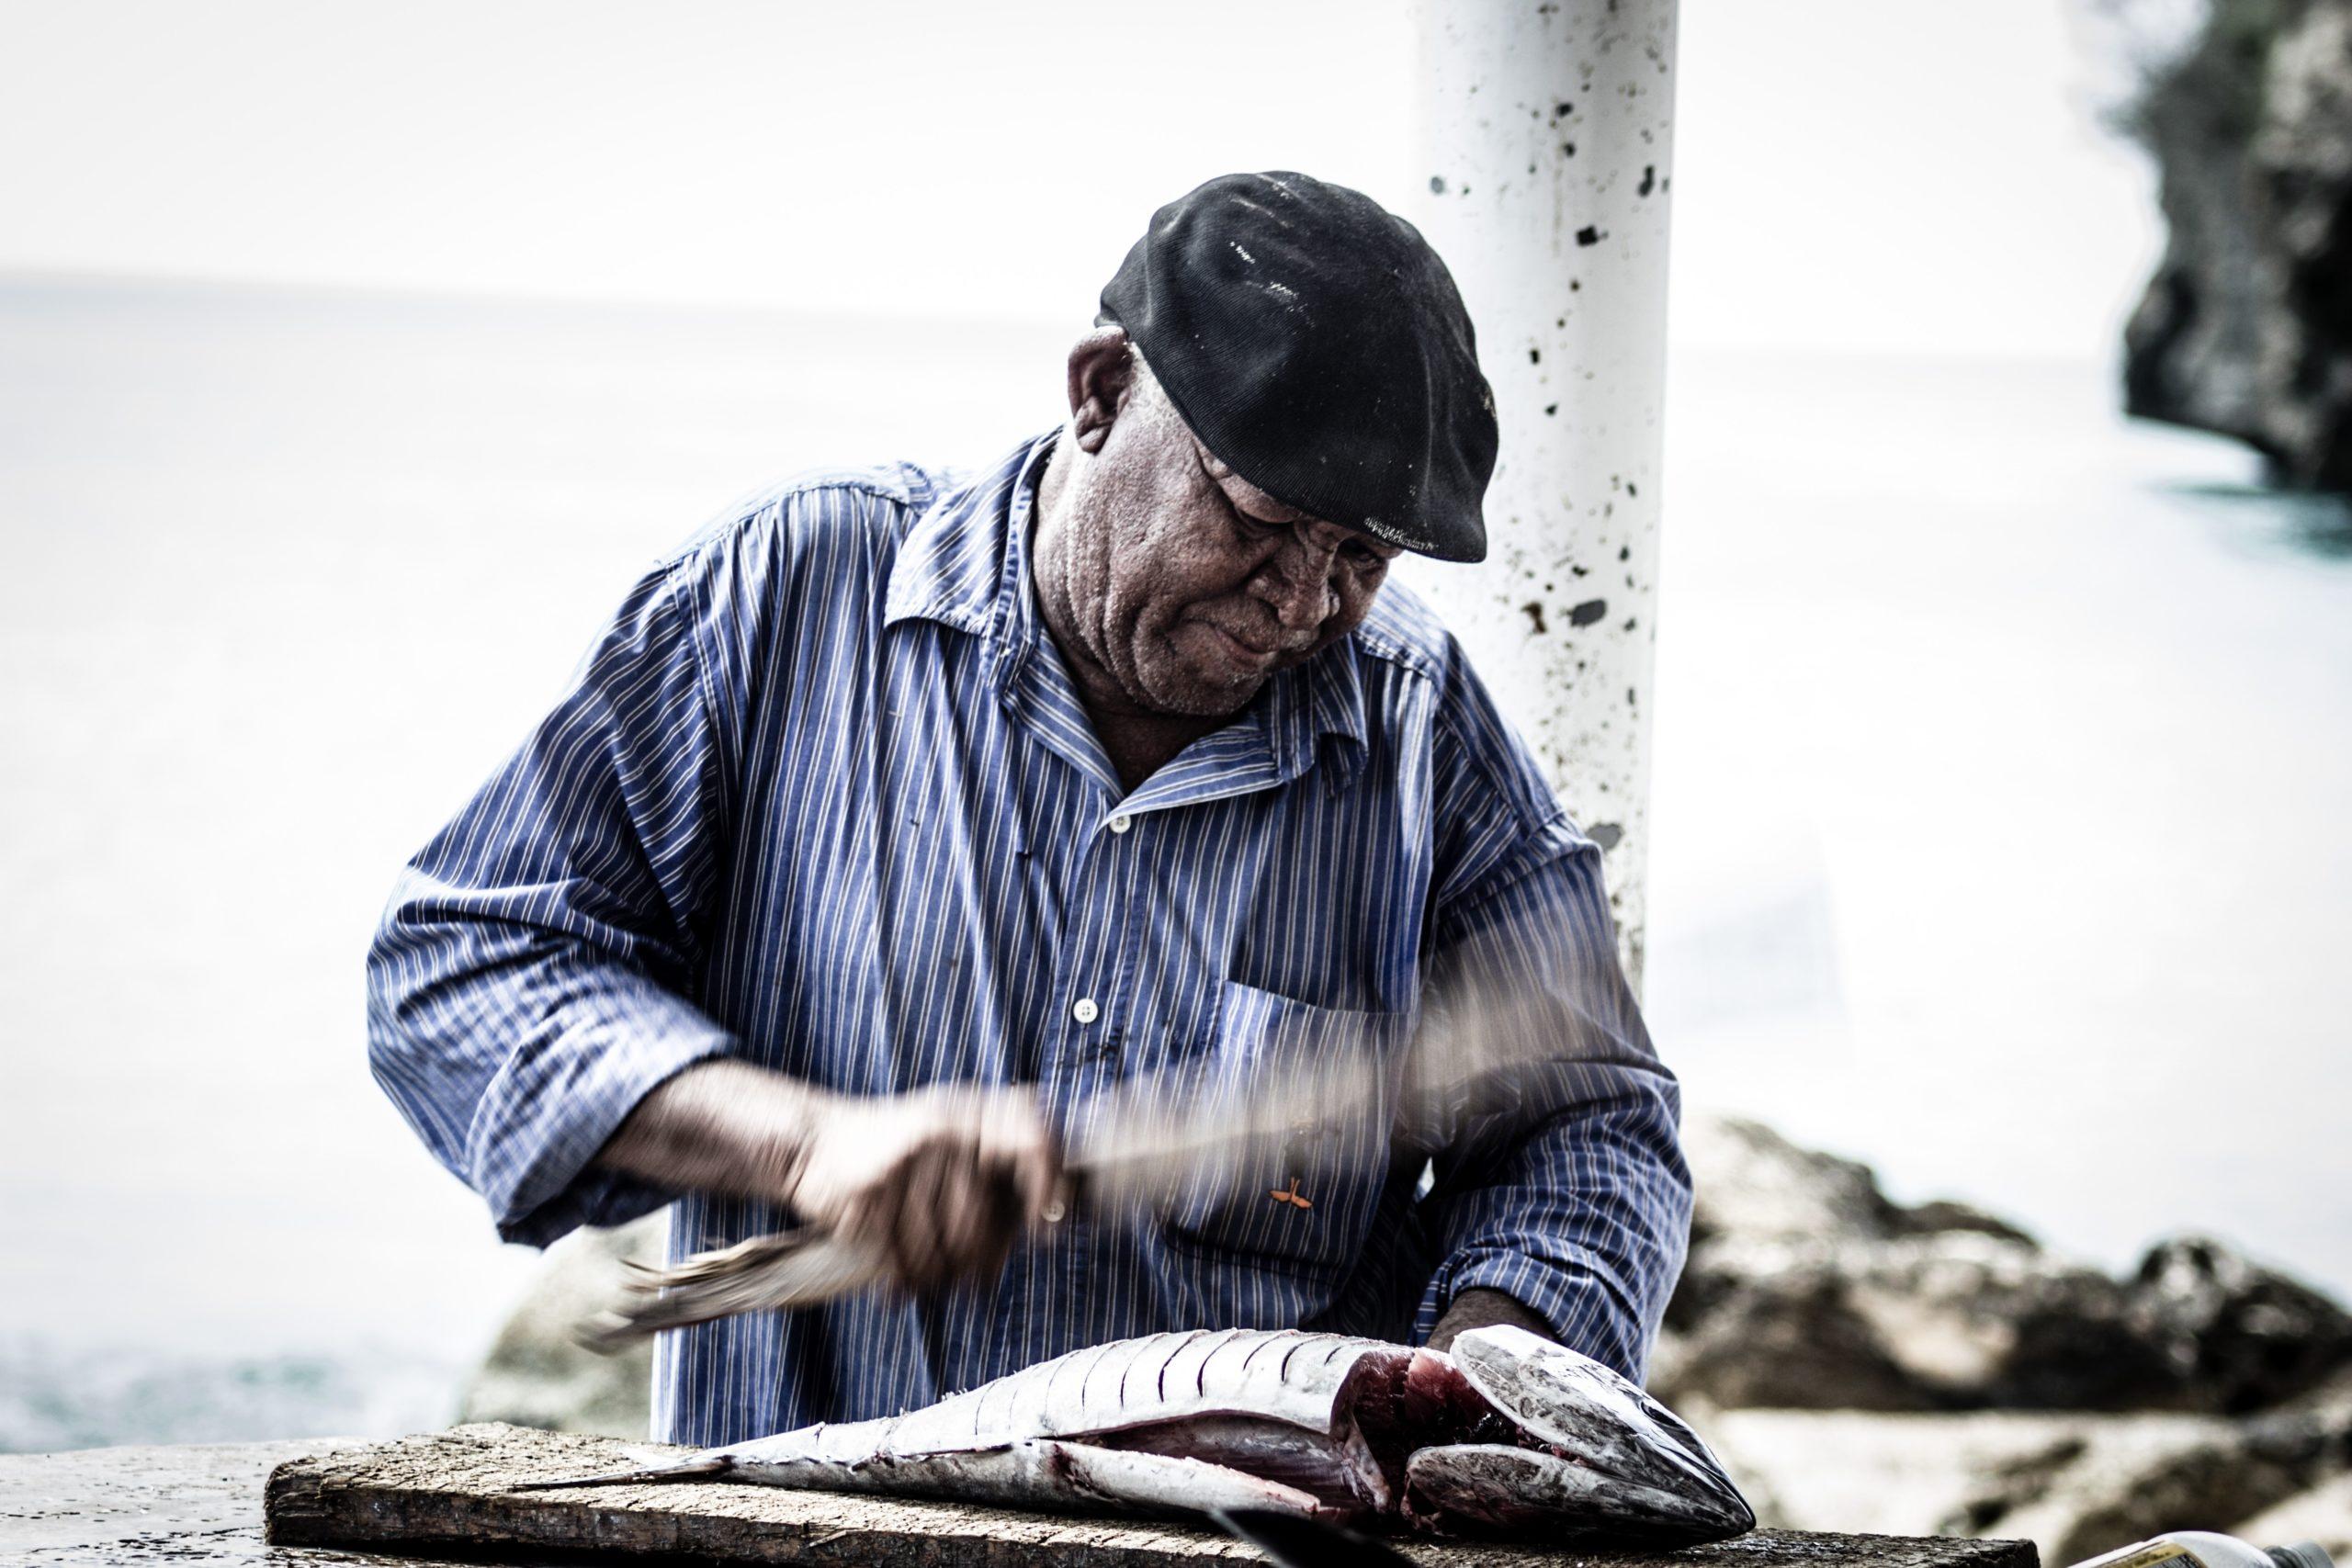 貯金しない人は老後も働くしかない【年金だけでは生活できない】